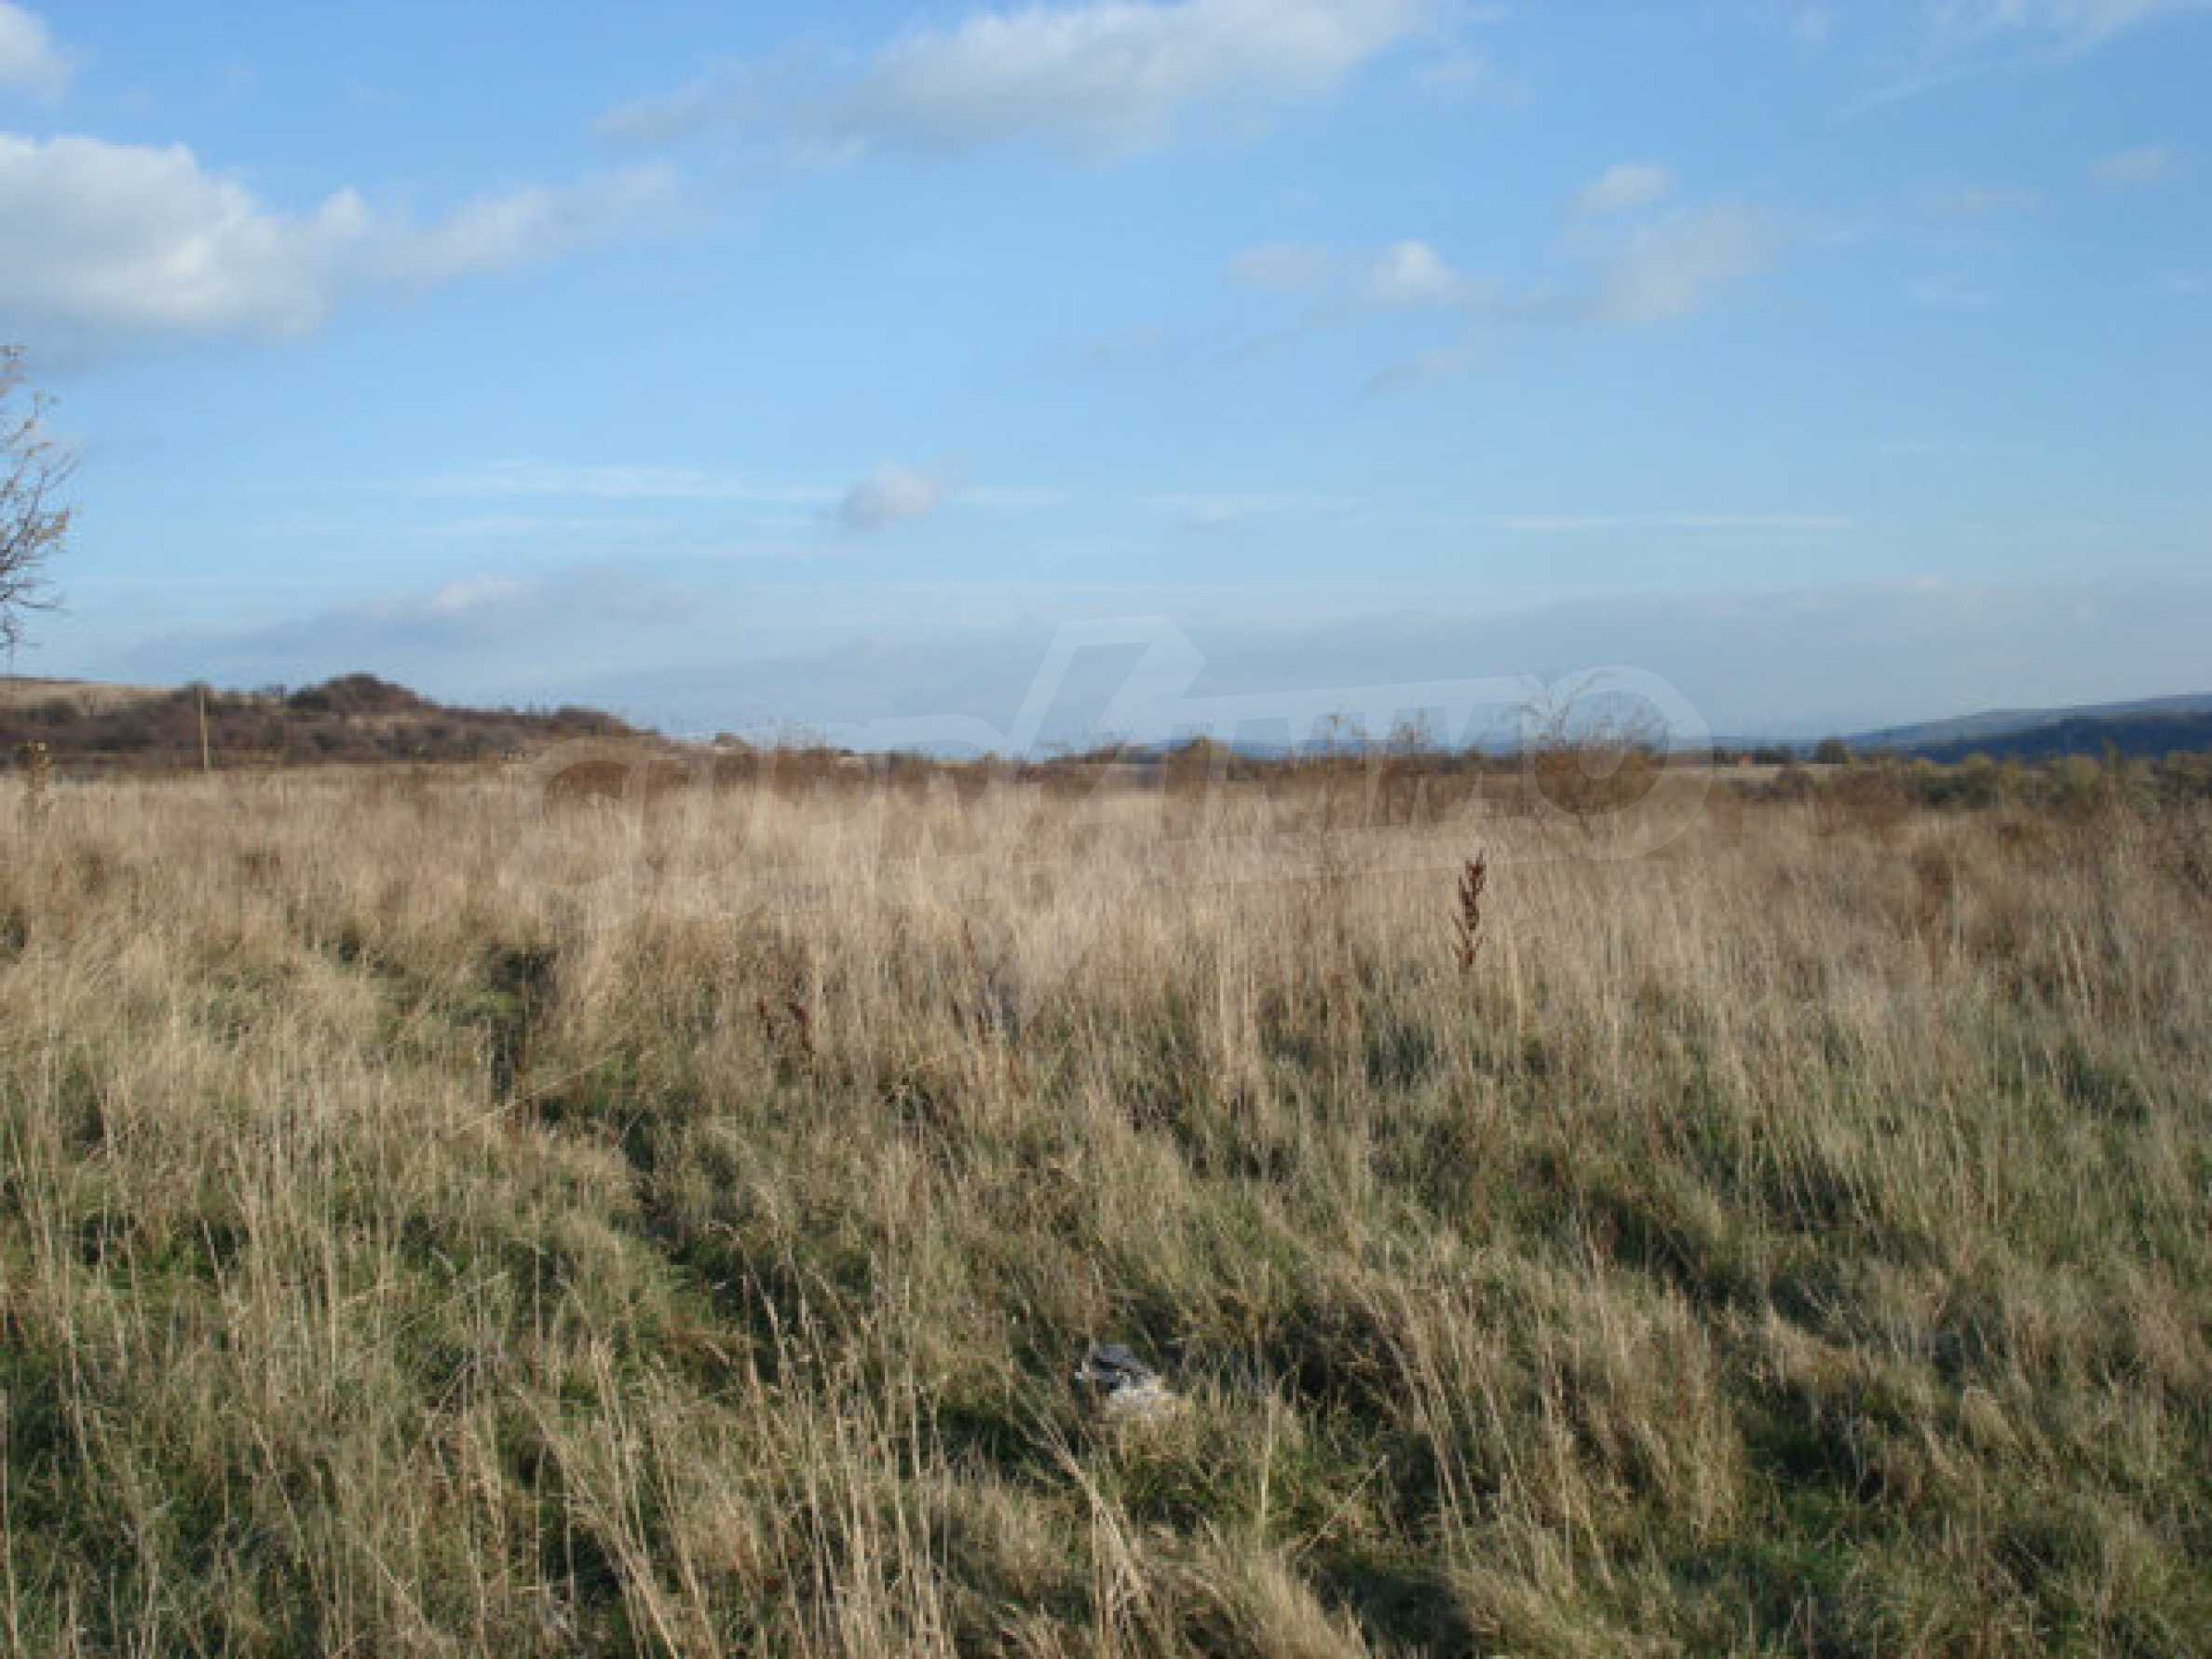 Ackerland in den Bergen 29 km von Dryanovo entfernt 5